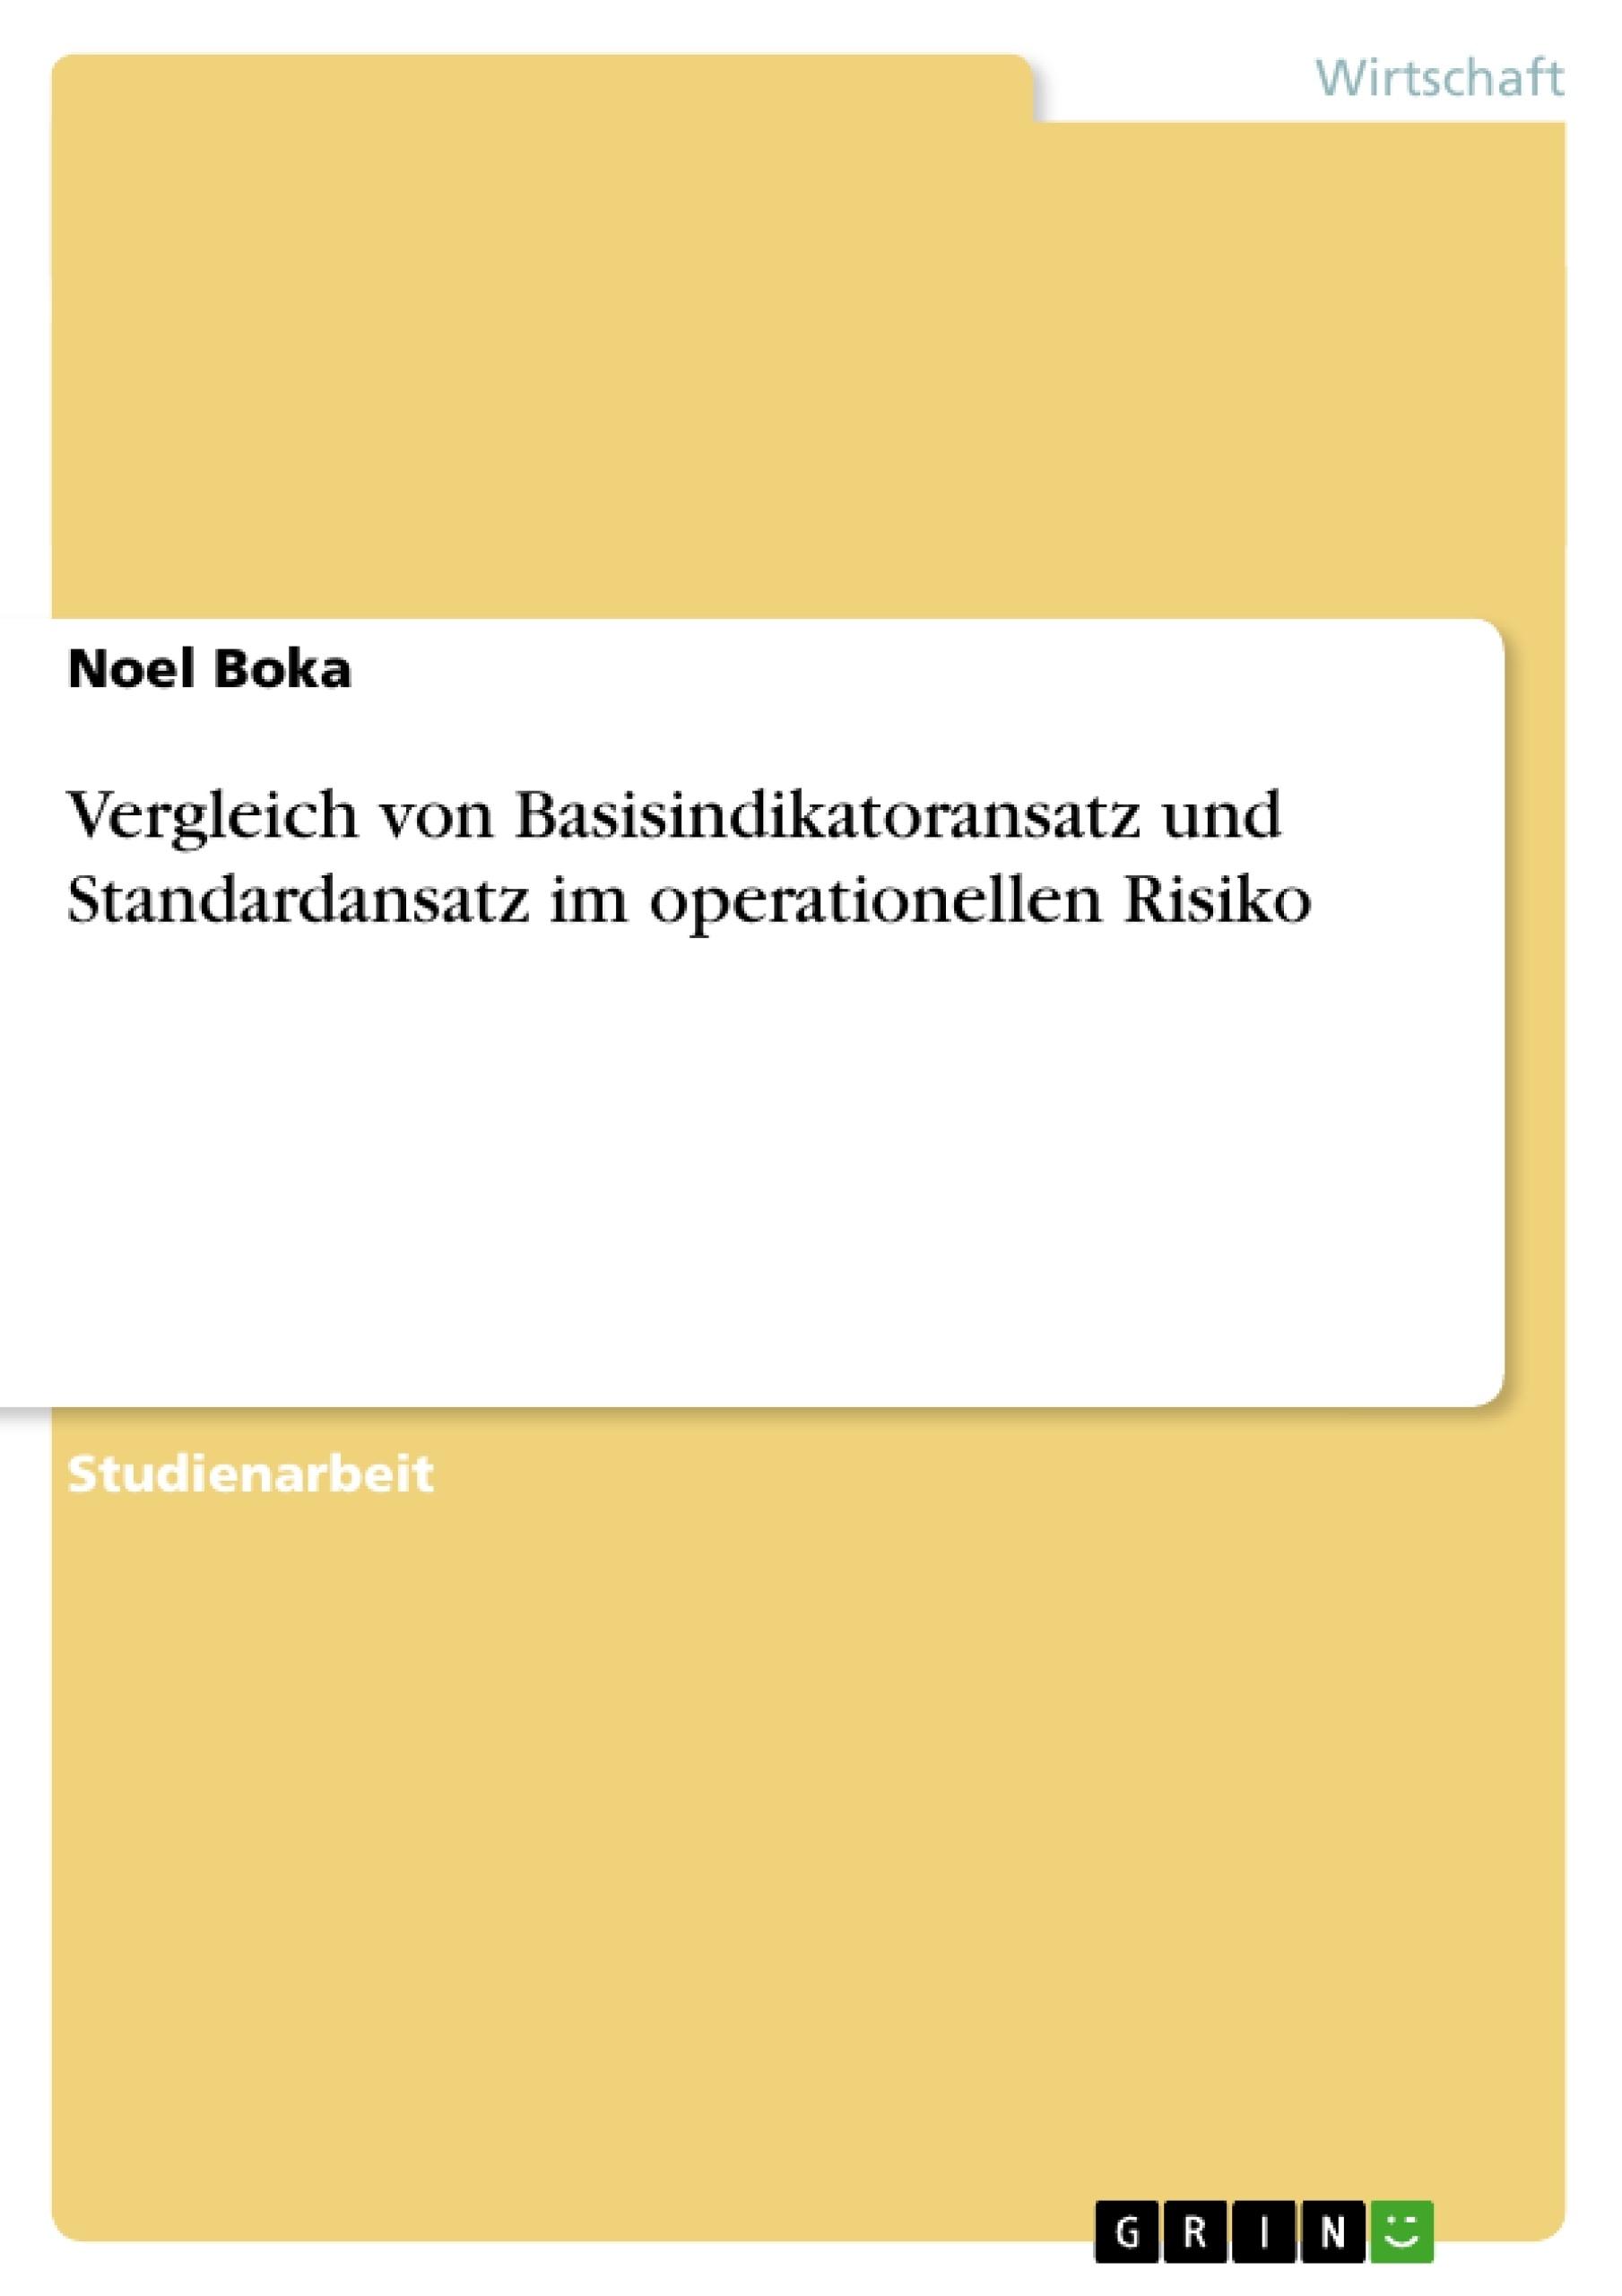 Titel: Vergleich von Basisindikatoransatz und Standardansatz im operationellen Risiko